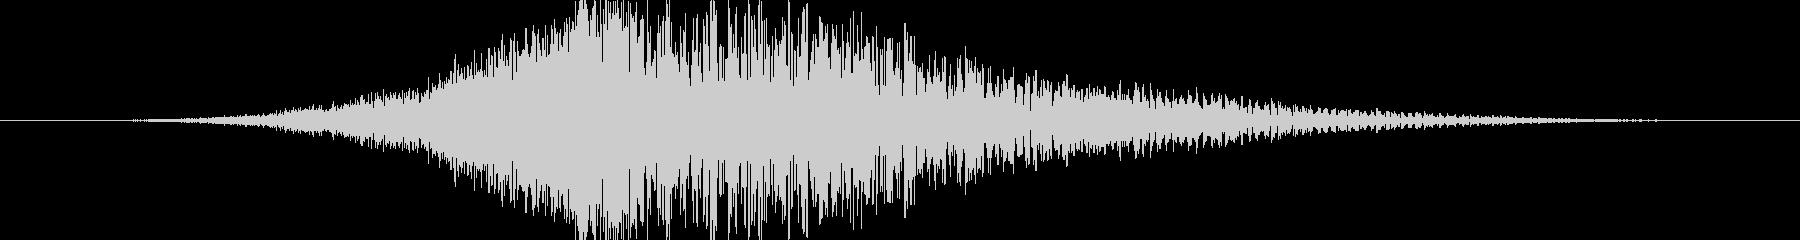 ショワーンドーン(金属的な音の後に爆発)の未再生の波形